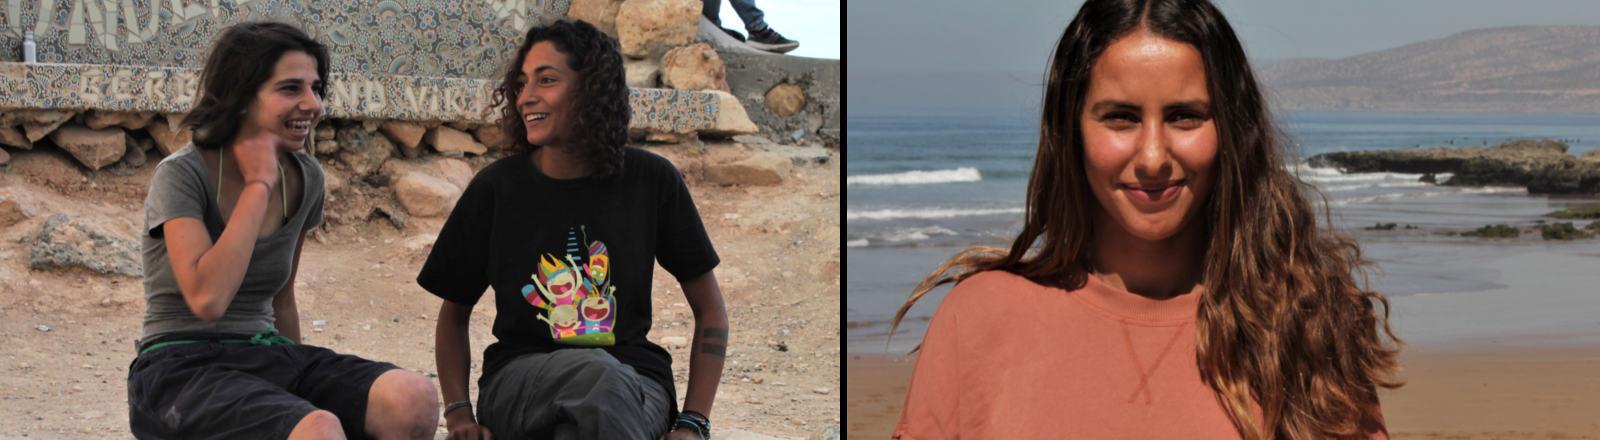 Drei junge Frauen aus Marokko am Strand und im Skaterpark